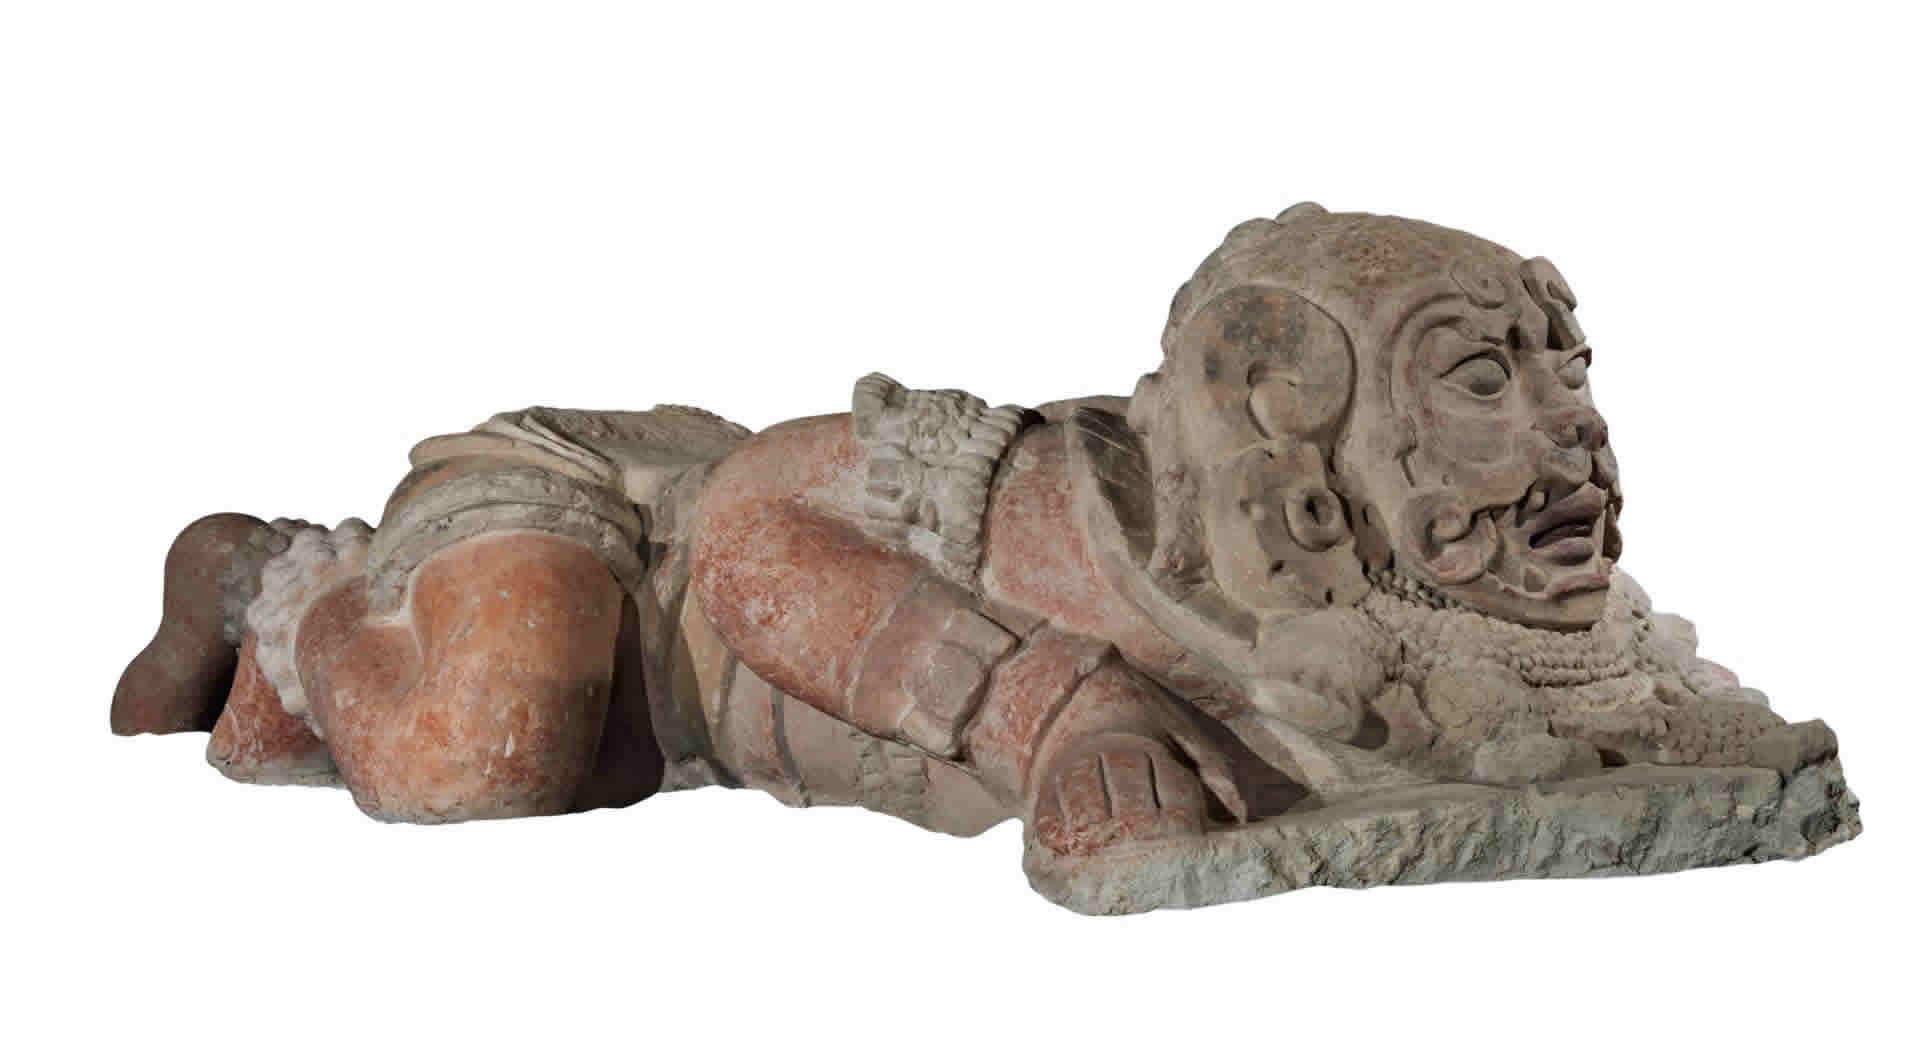 Escultura de un hombre con atributos de jaguar